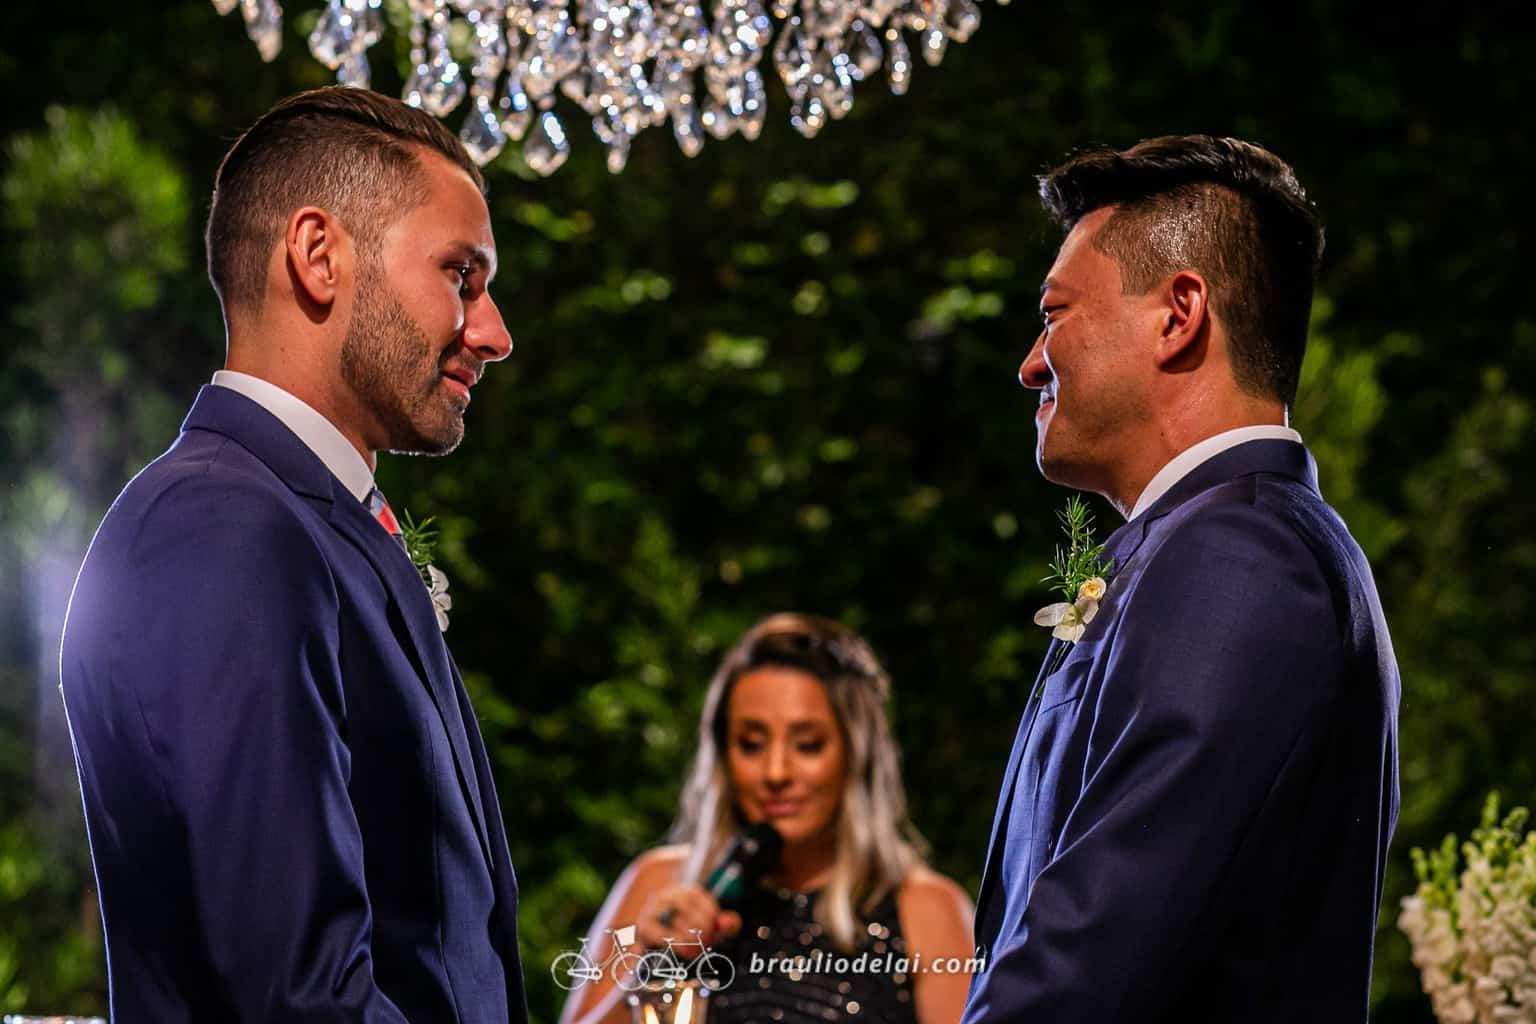 Casamento-Jhonatan-e-Rodrigo-Fotografia-Braulio-Delai-CerimôniaPhoto_0956